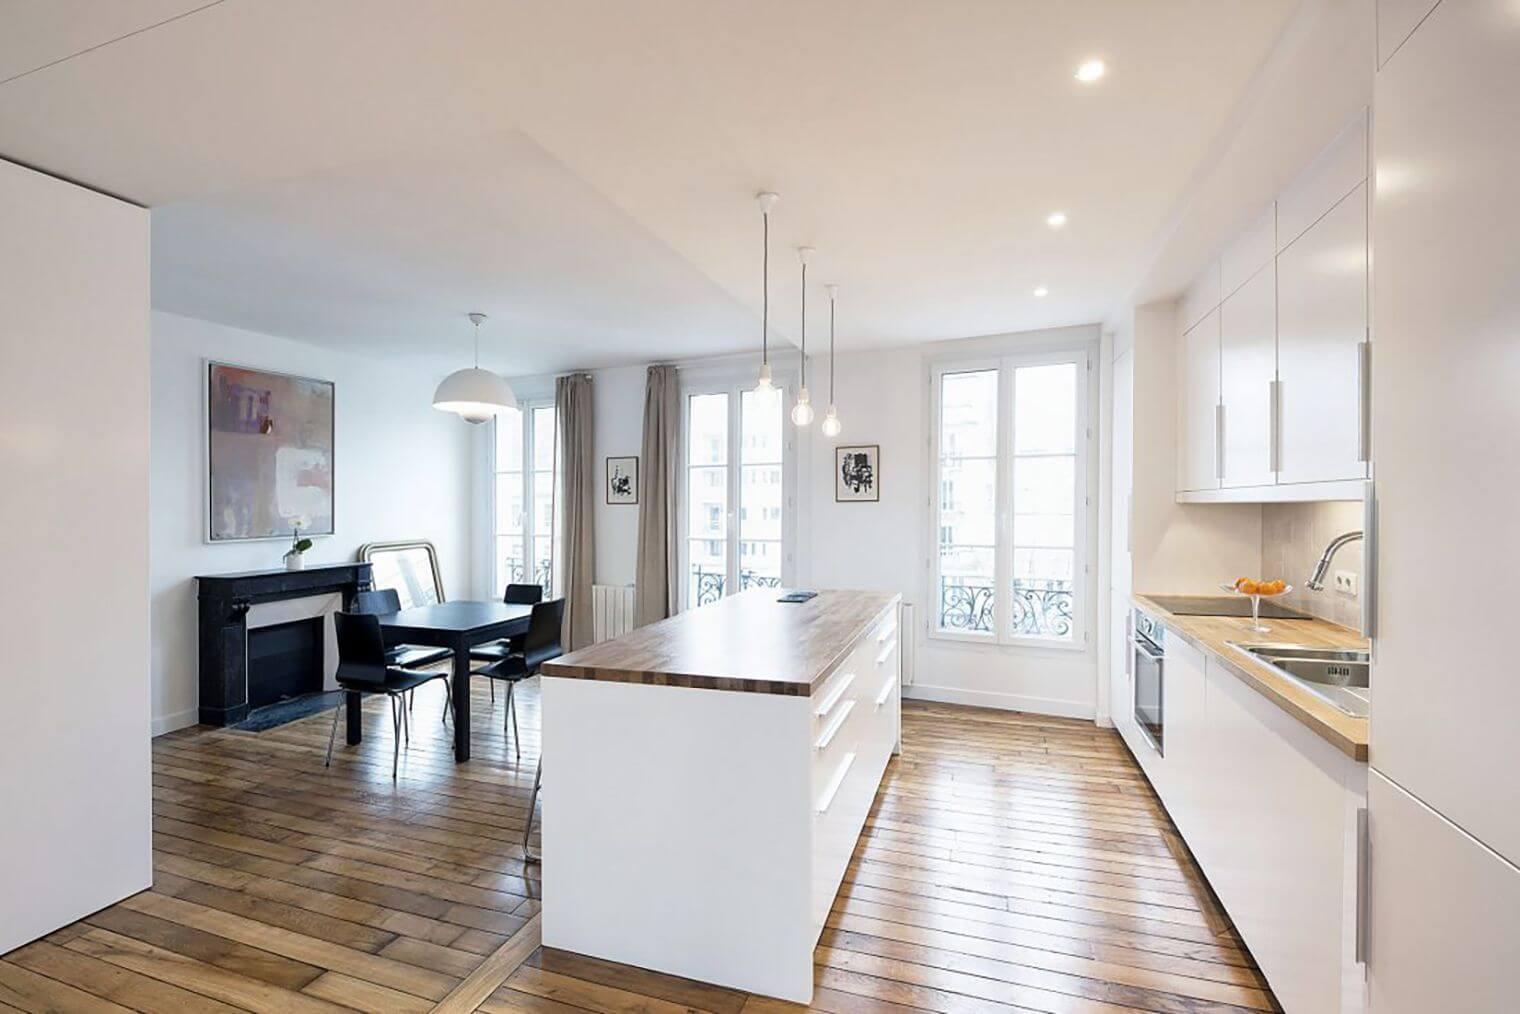 Salon et cuisine rénovés dans appartement haussmannien